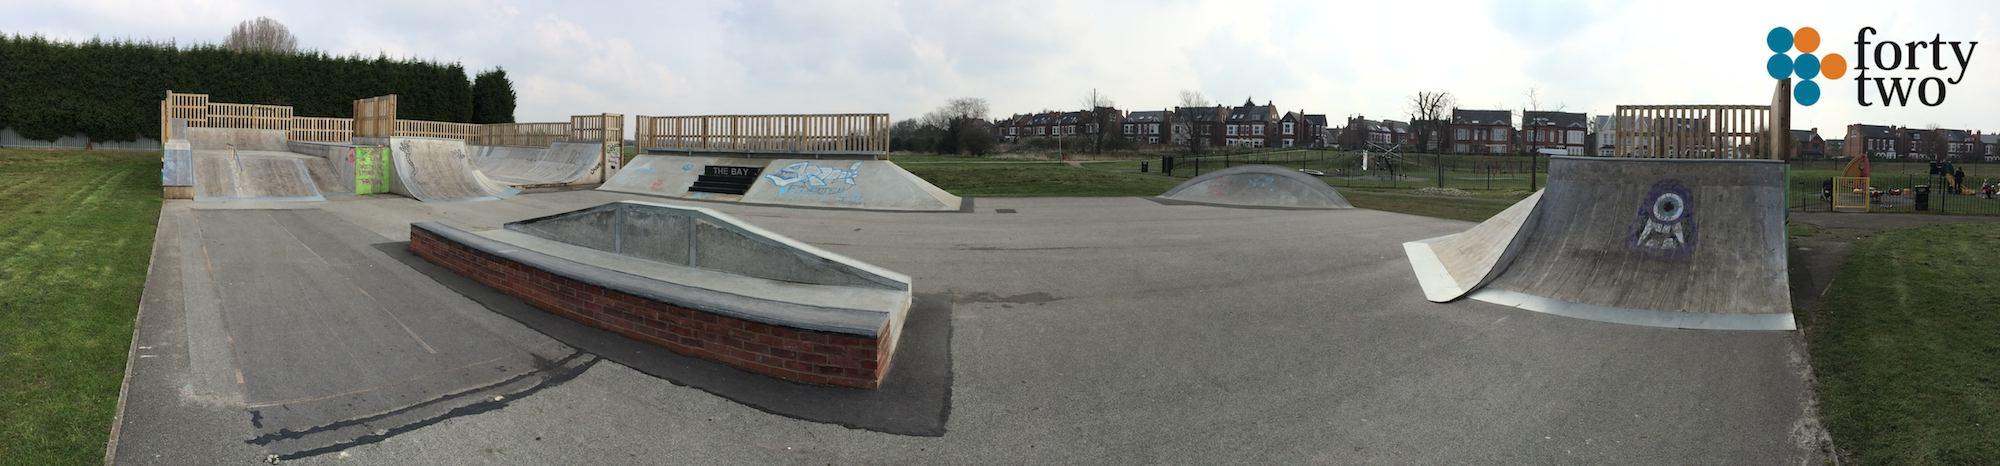 Lady Bay Skatepark Nottingham Panarama